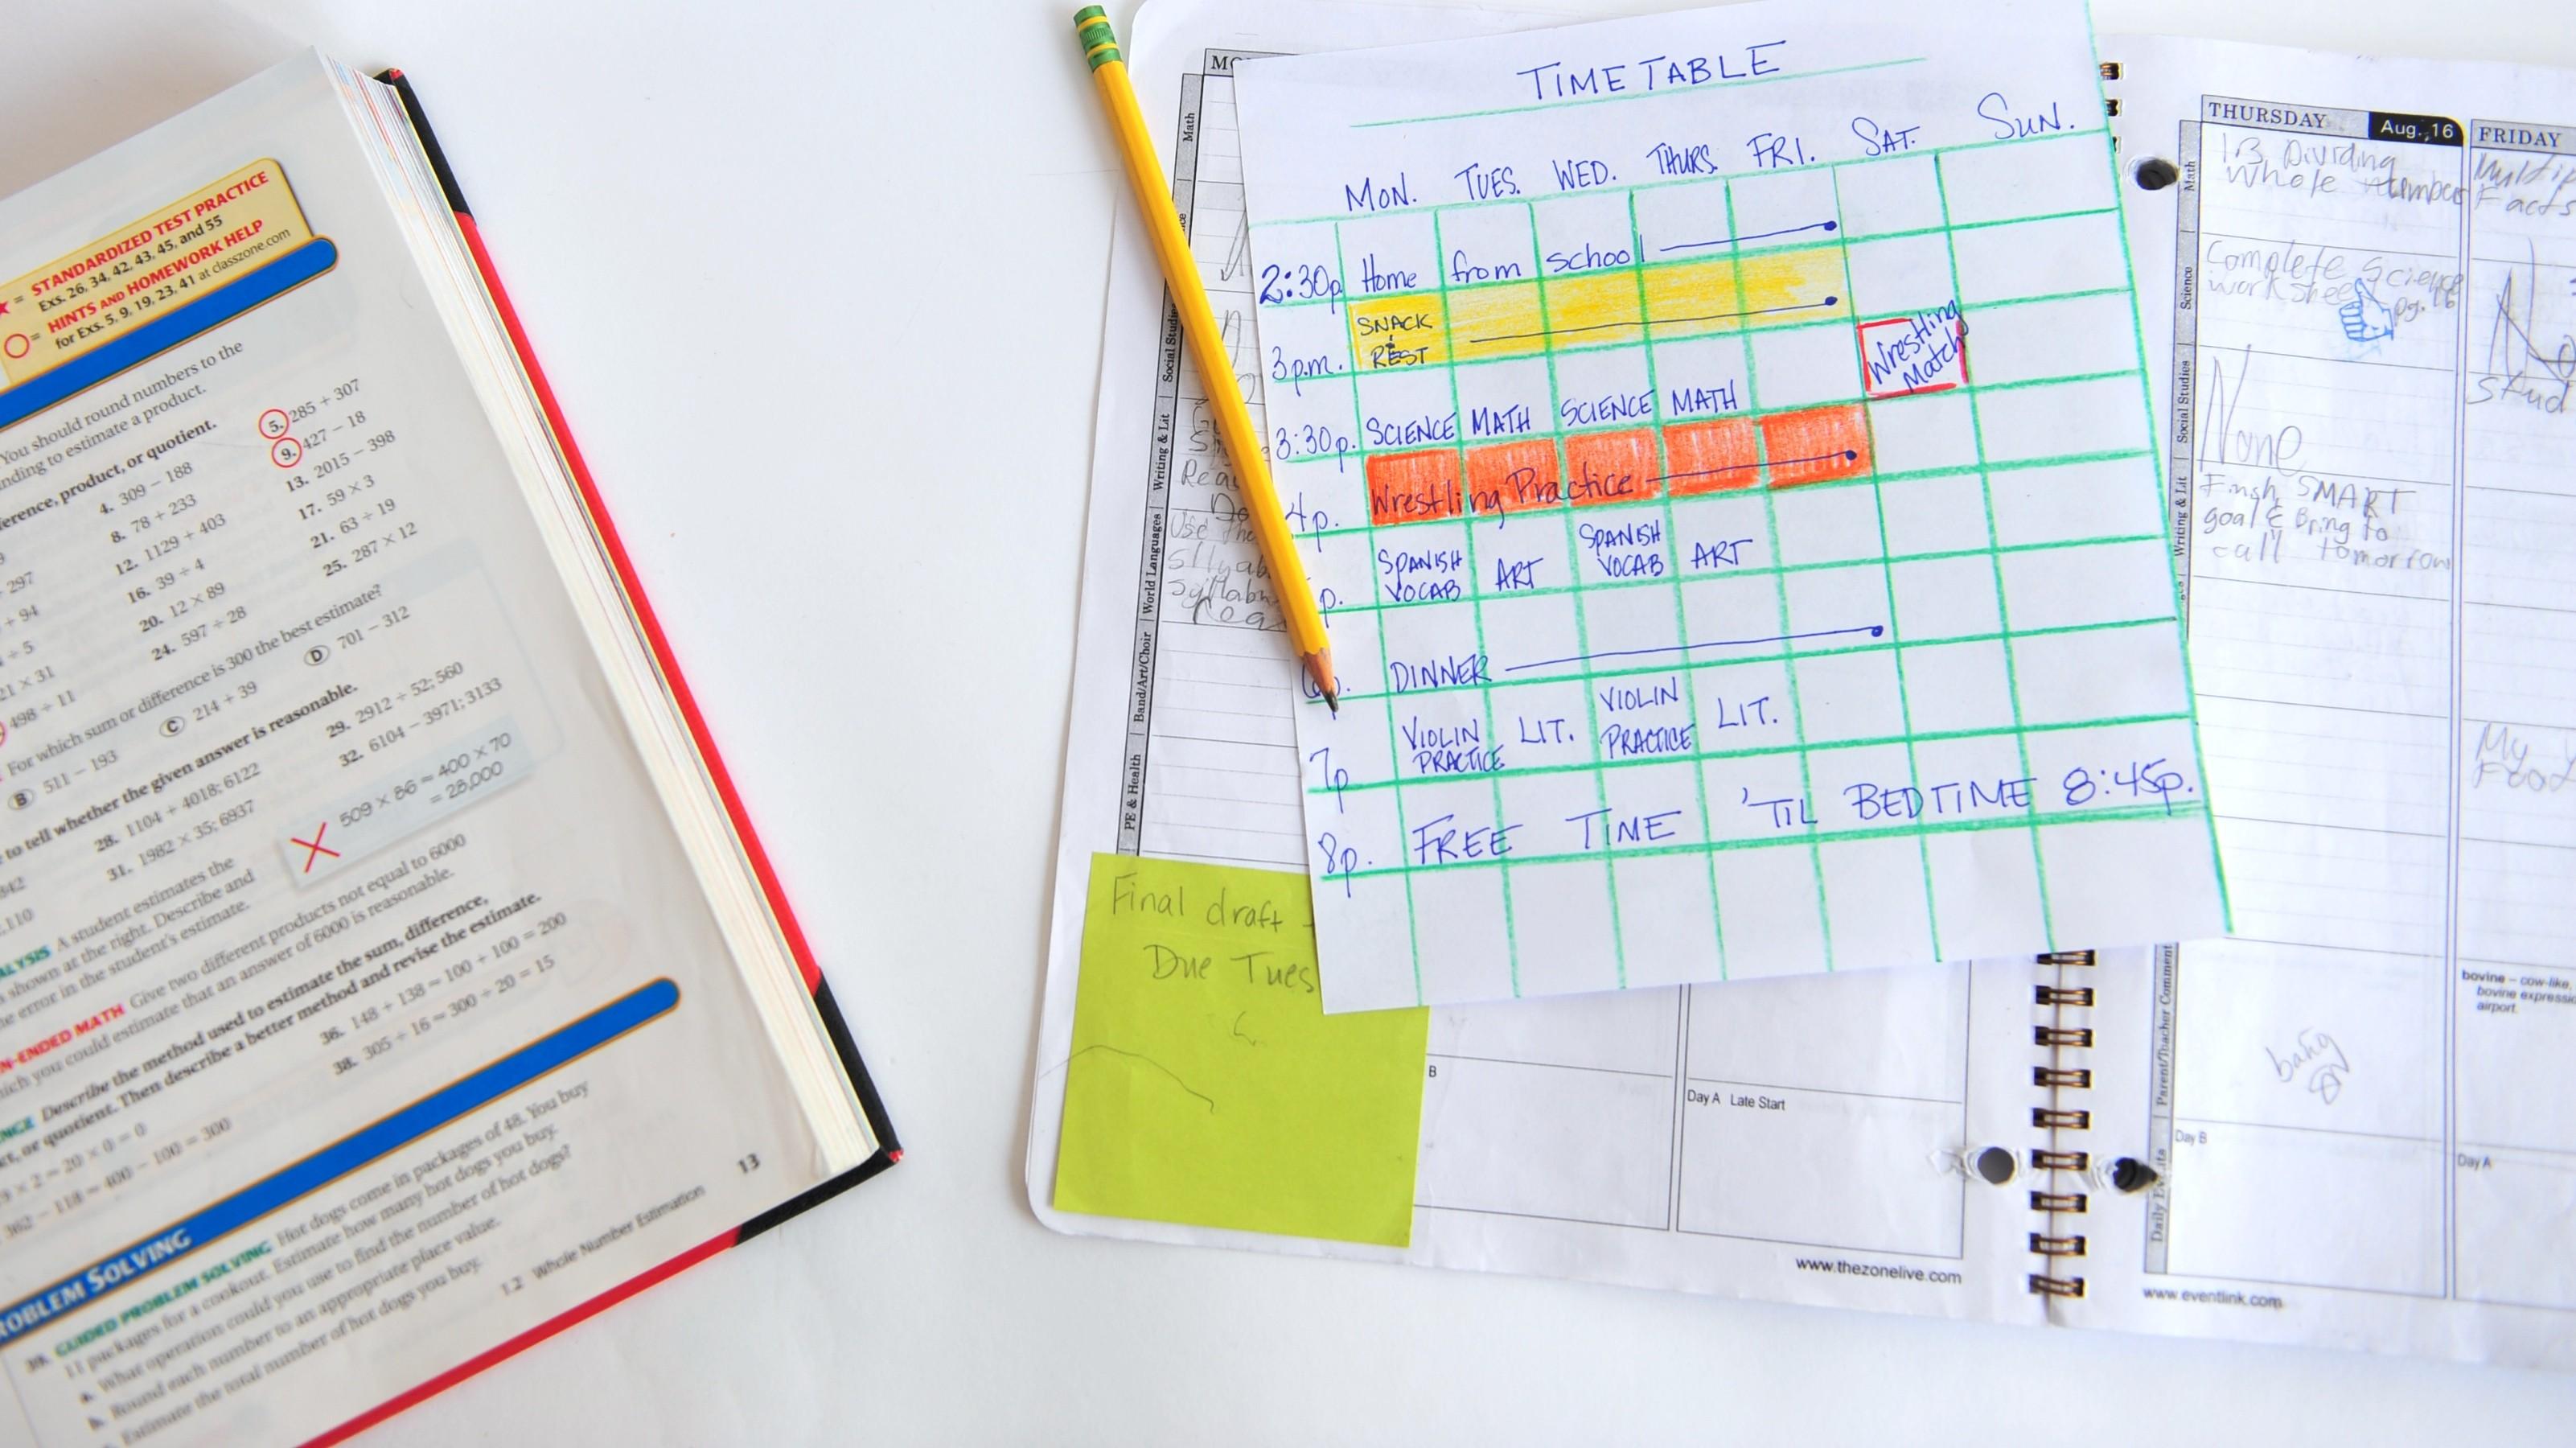 Calendario Notas Imprimir Más Caliente C³mo Hacer Un Calendario De Estudios 6 Pasos Of Calendario Notas Imprimir Recientes Es Calendarios Para Imprimir 2017 Noviembre